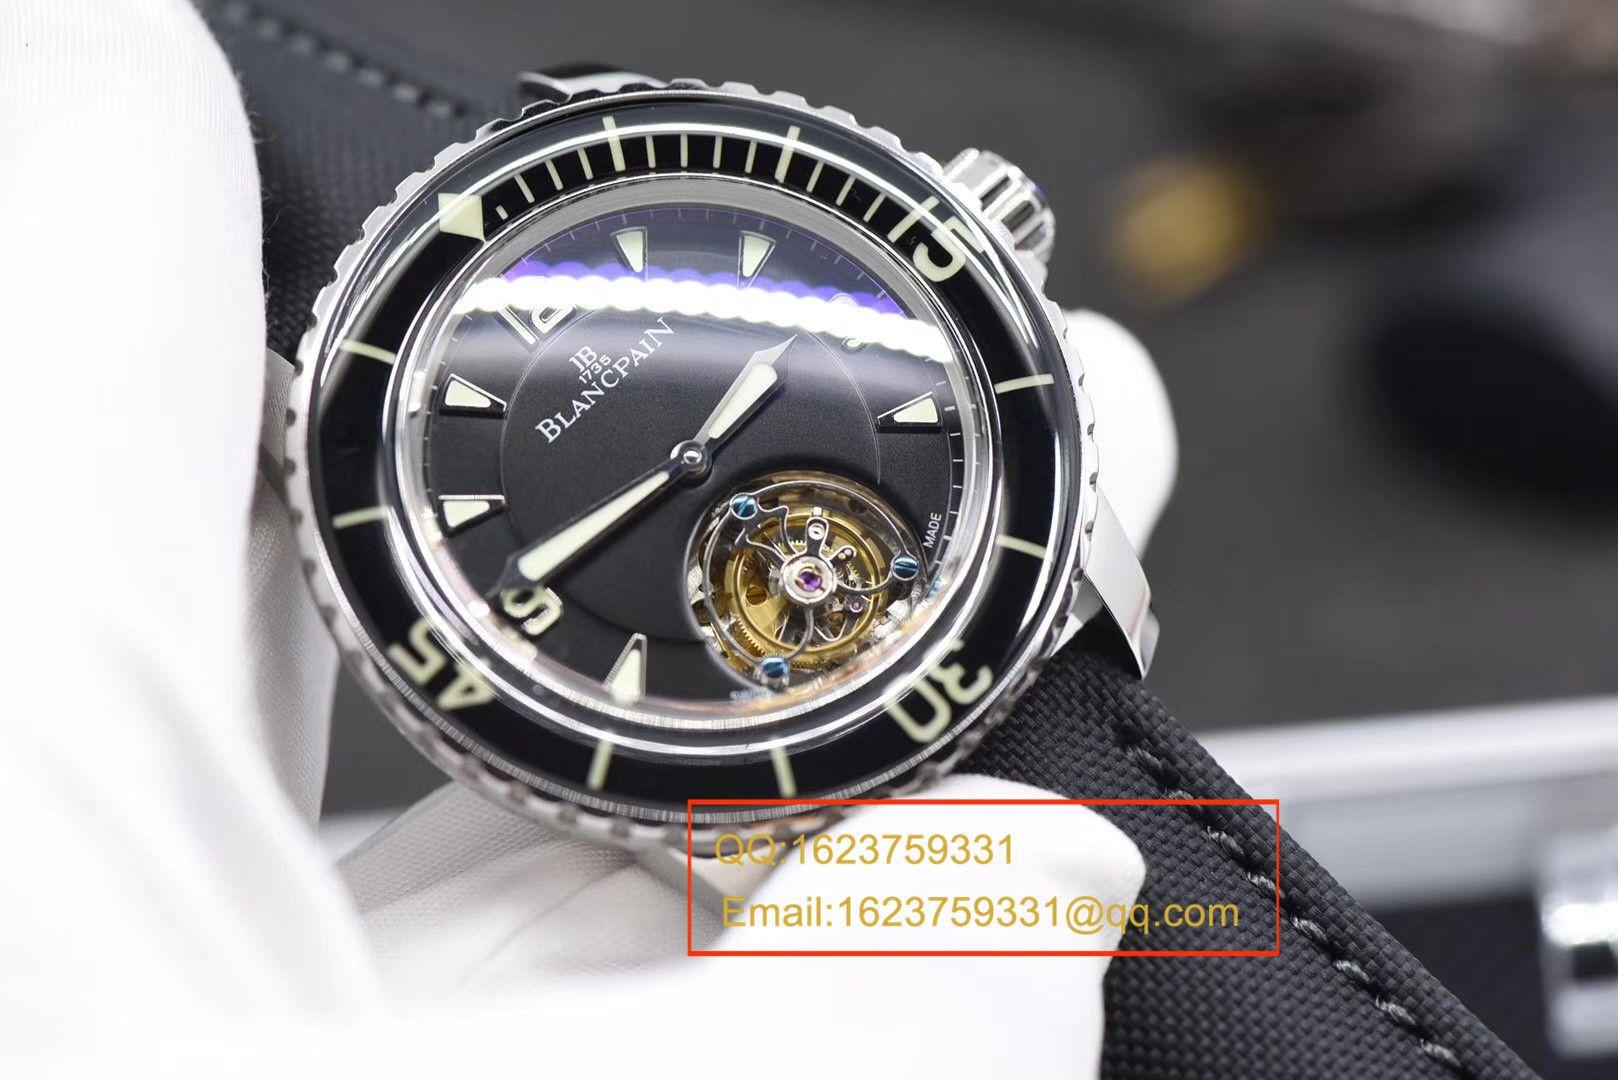 【视频评测ZF厂顶级复刻手表】宝珀五十噚系列陀飞轮腕表 / BPDH036